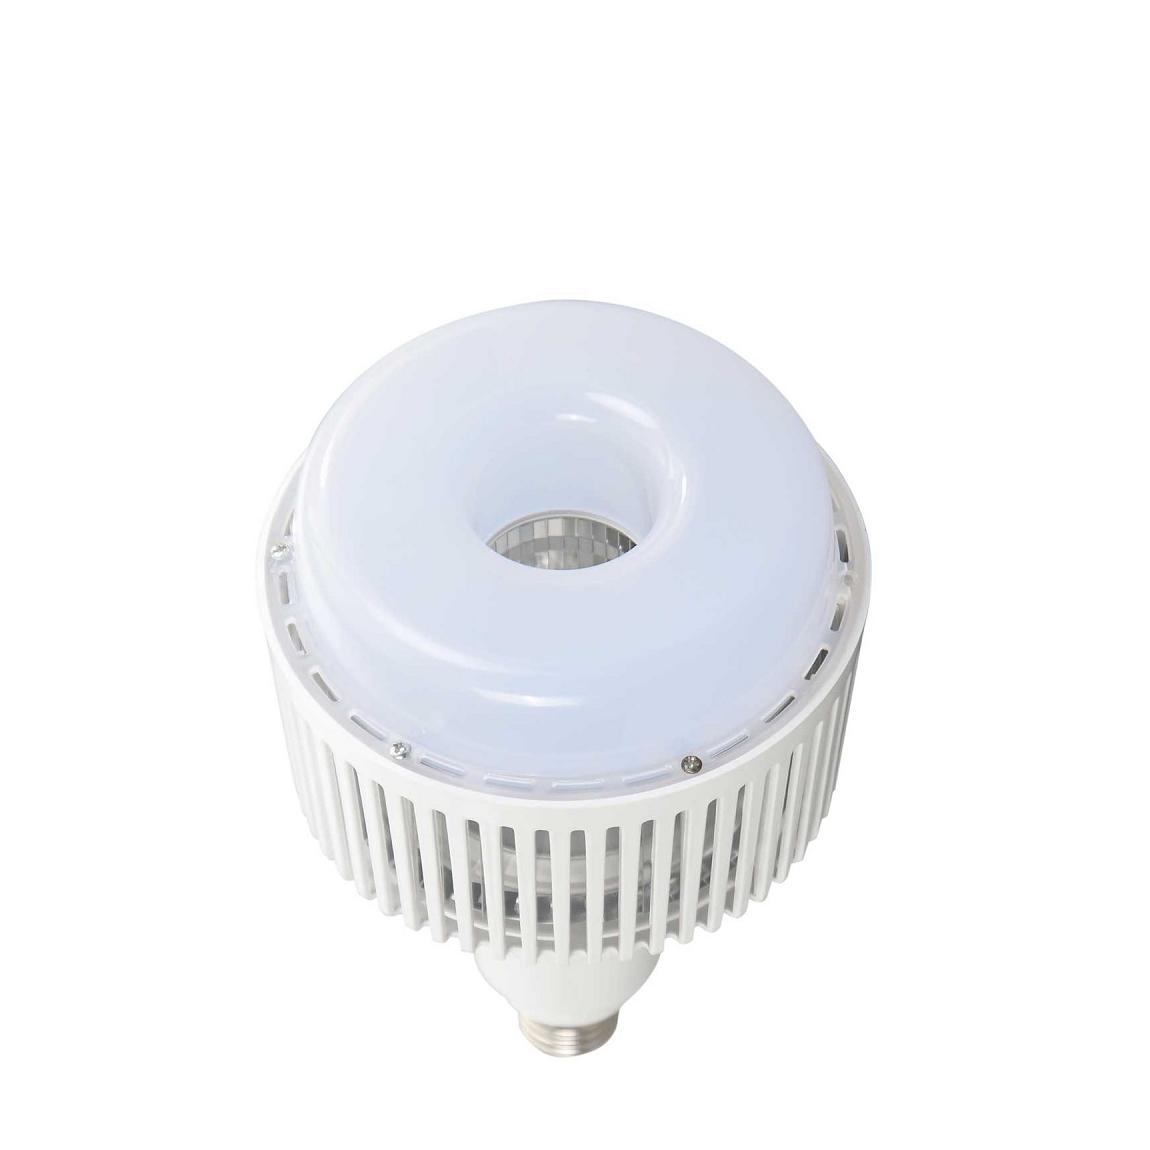 FORLIFE FL-6048 - 50 Watt LED Torch Ampul